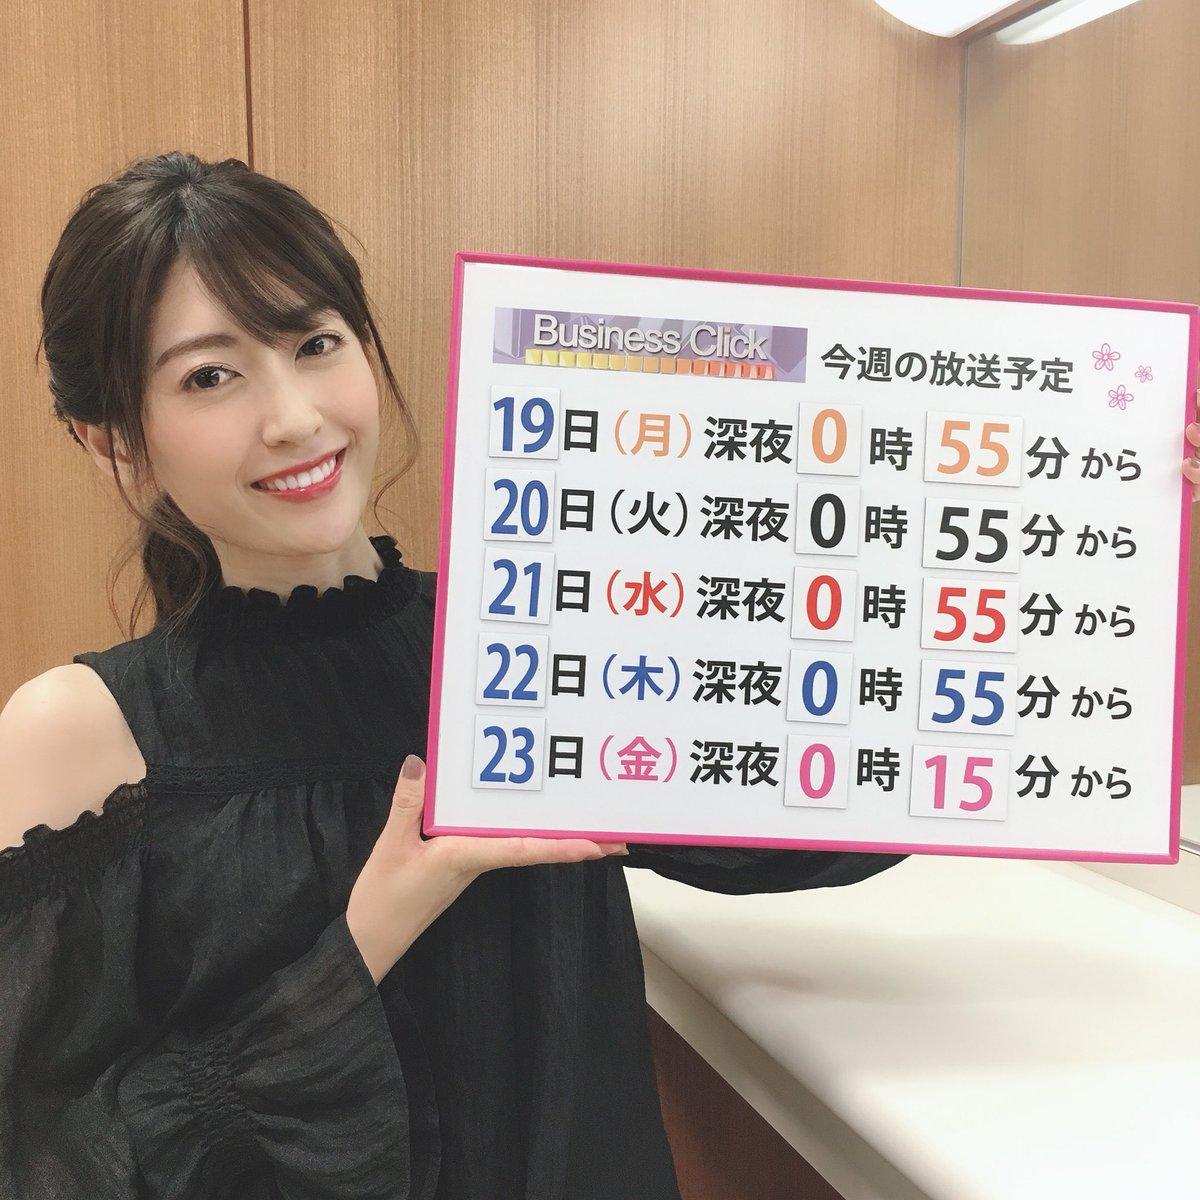 2019年8月19日放送された「ビジネス・クリック」に出演した阿部菜渚美さんのテレビキャプチャー画像-010